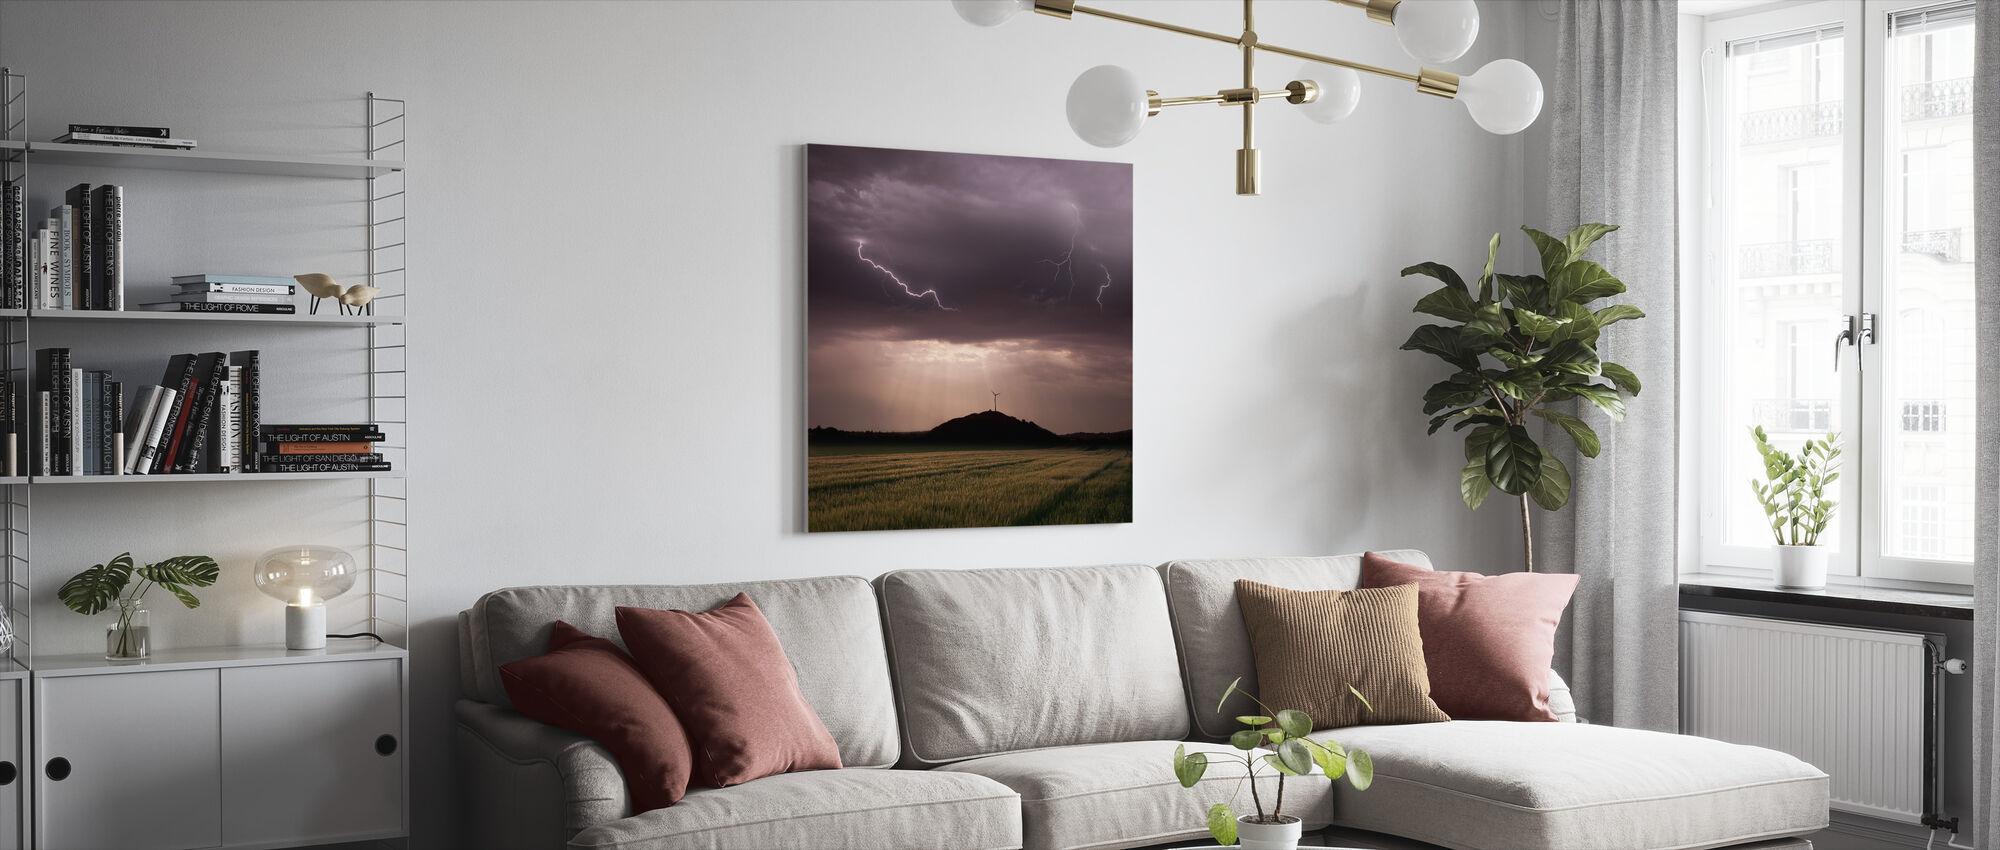 Morgen tordenvær - Lerretsbilde - Stue